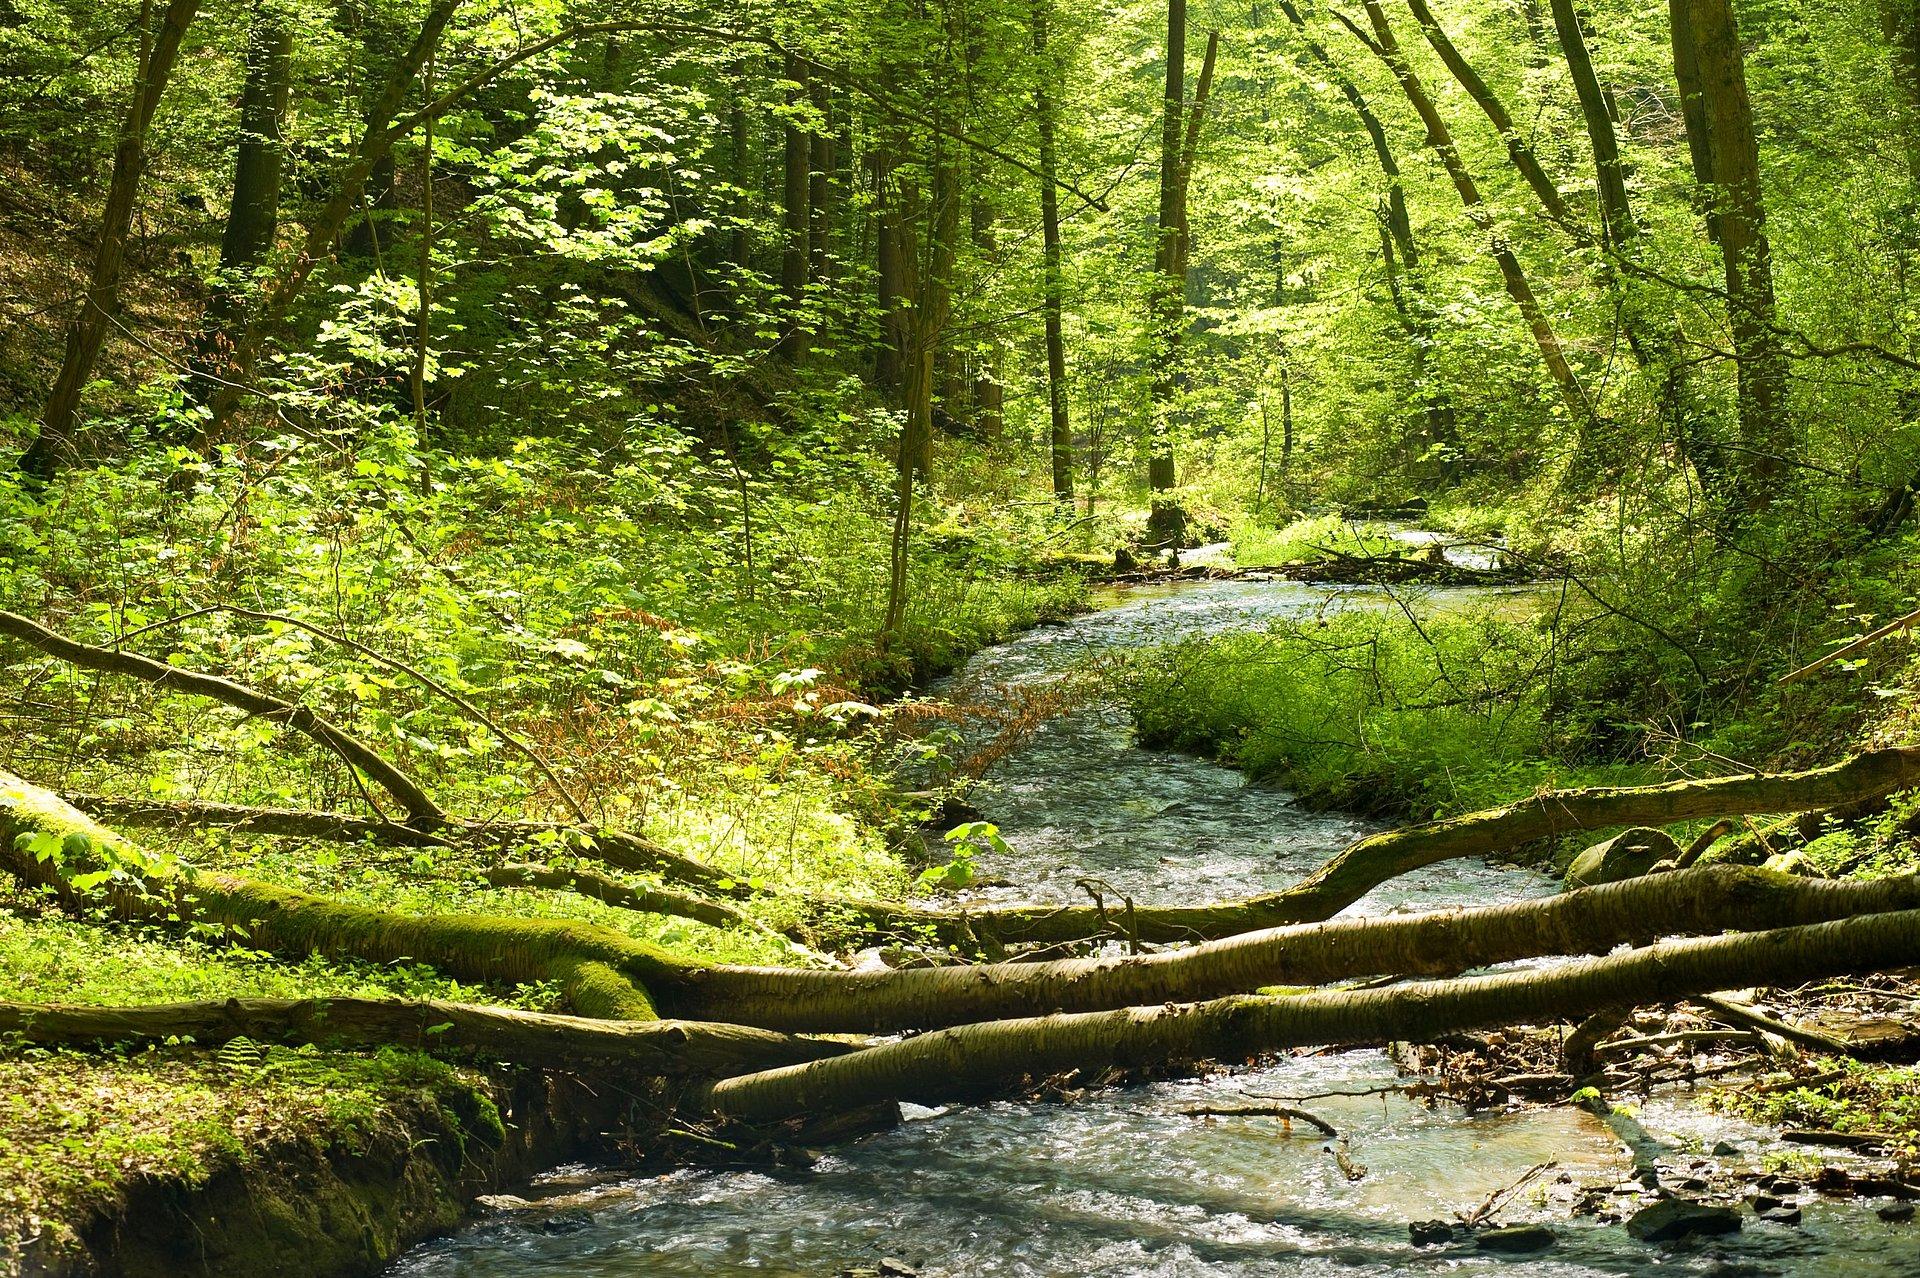 Beekwandeling in het dal van de Völkerwiesenbach bij Rengsdorf, Westerwald